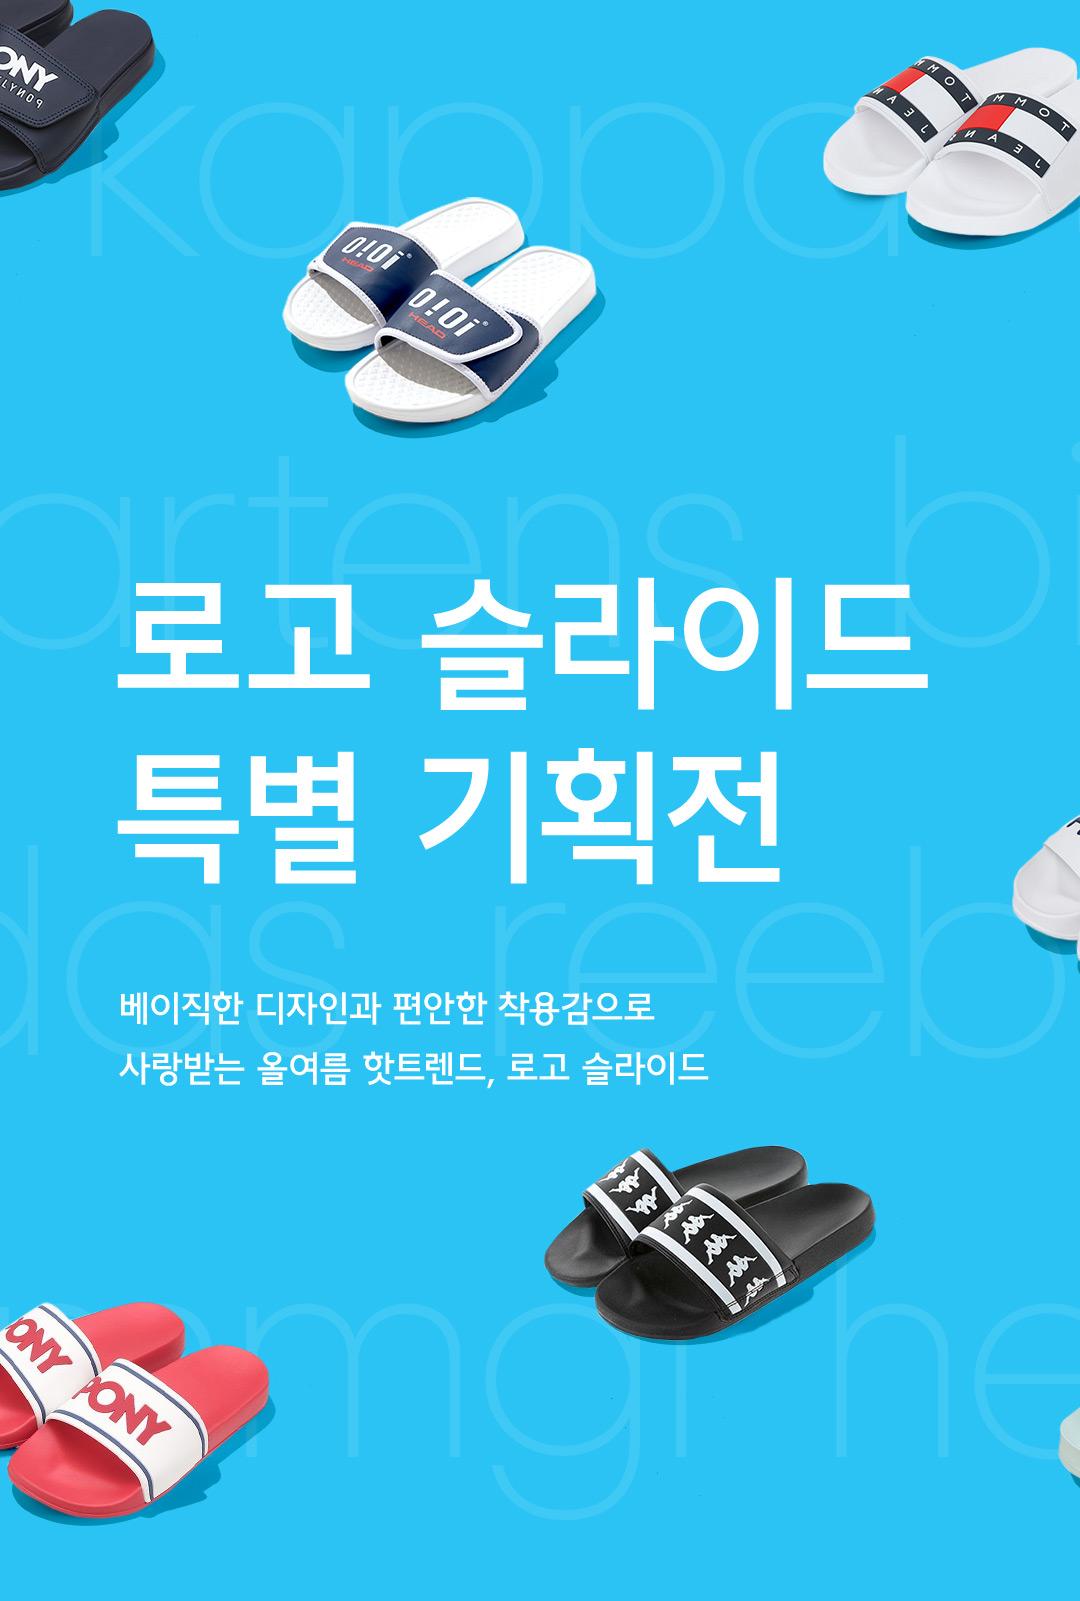 스파오x포니x어드벤처 타임 콜라보레이션 선발매